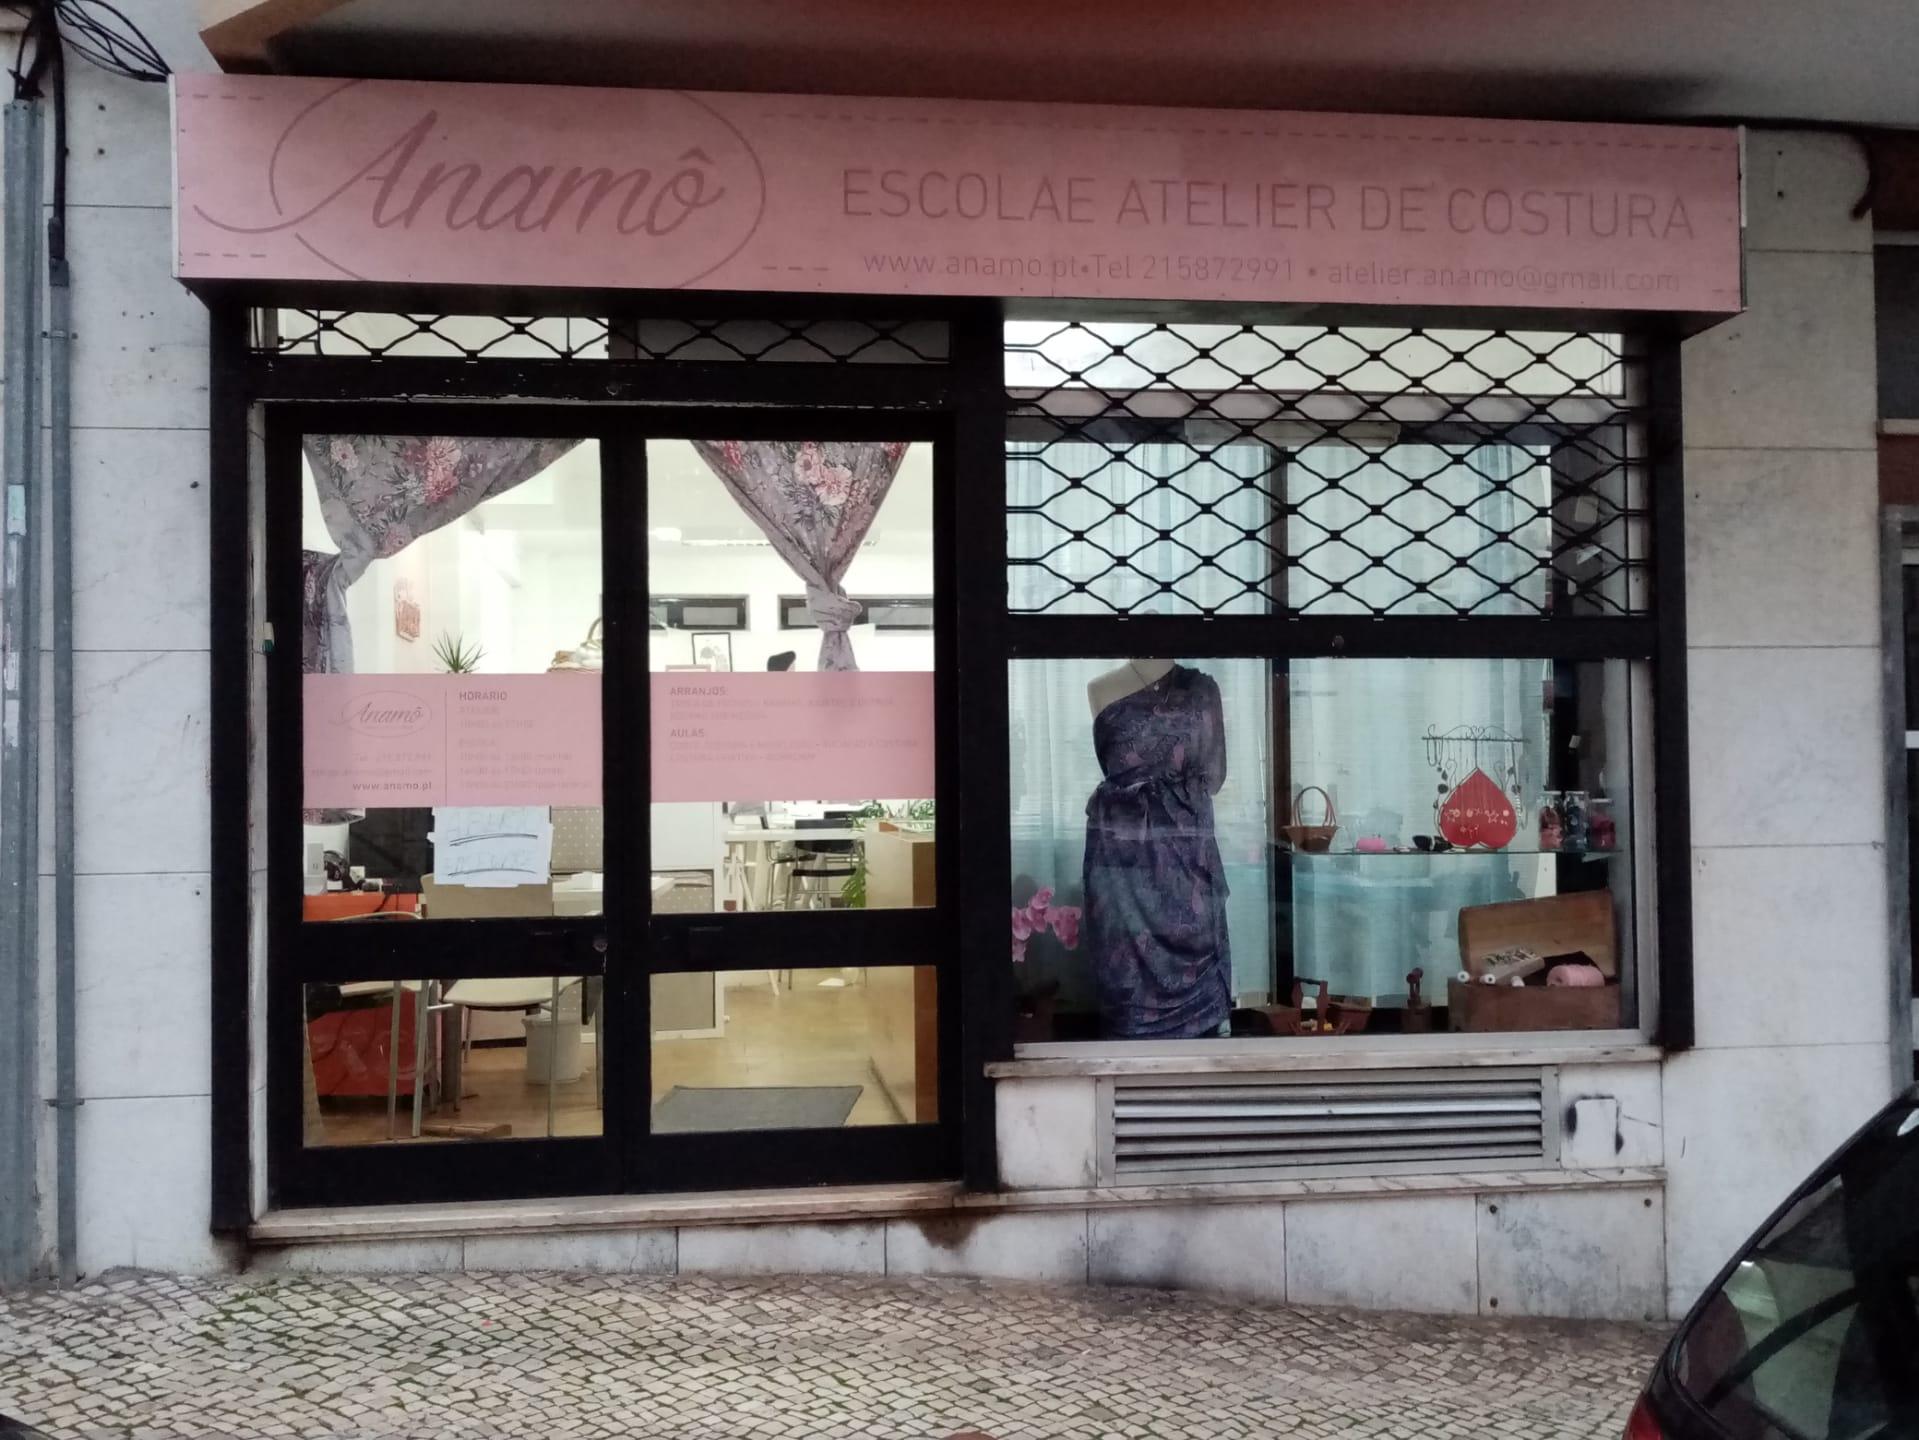 Anamô Ecola de Moda e Atelier